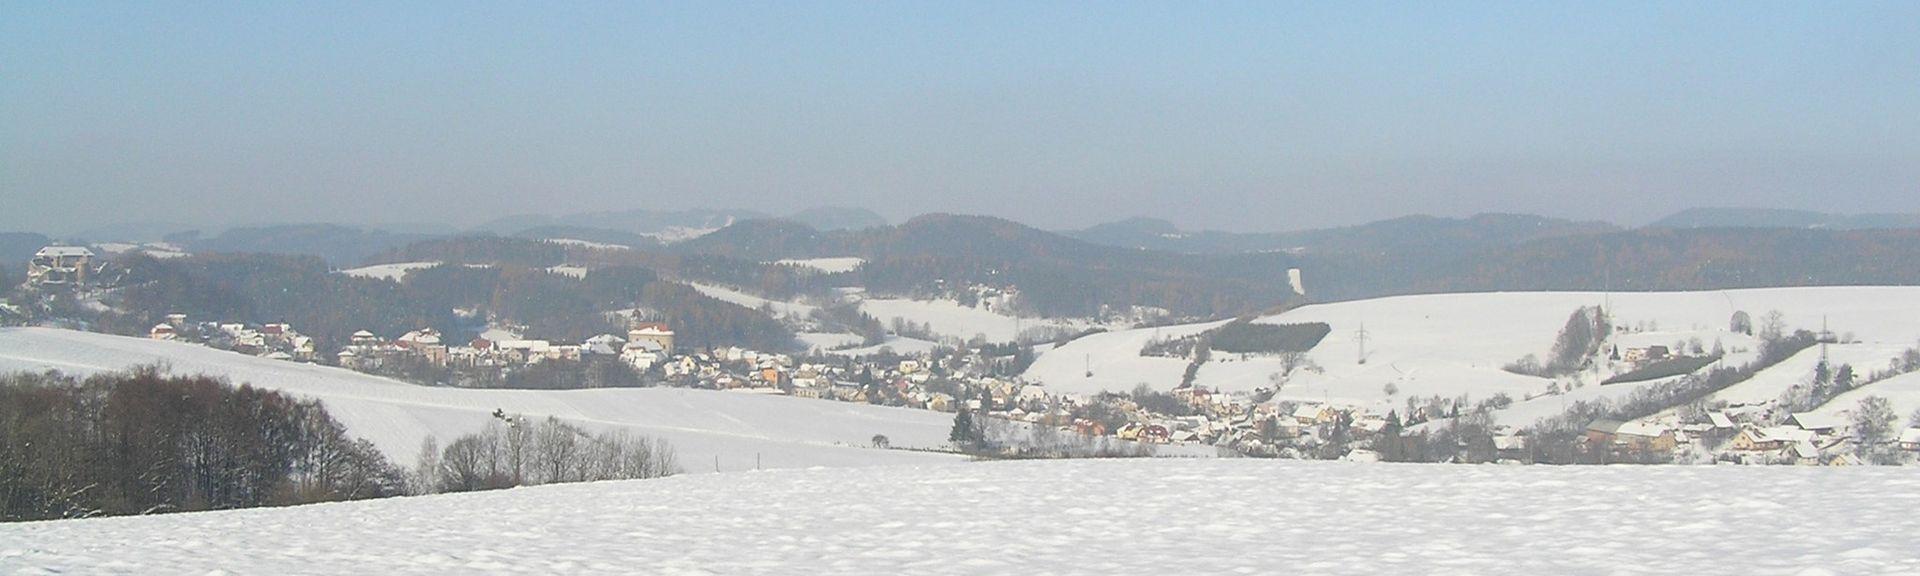 Dvůr Králové nad Labem, Région de Hradec Králové, CZ